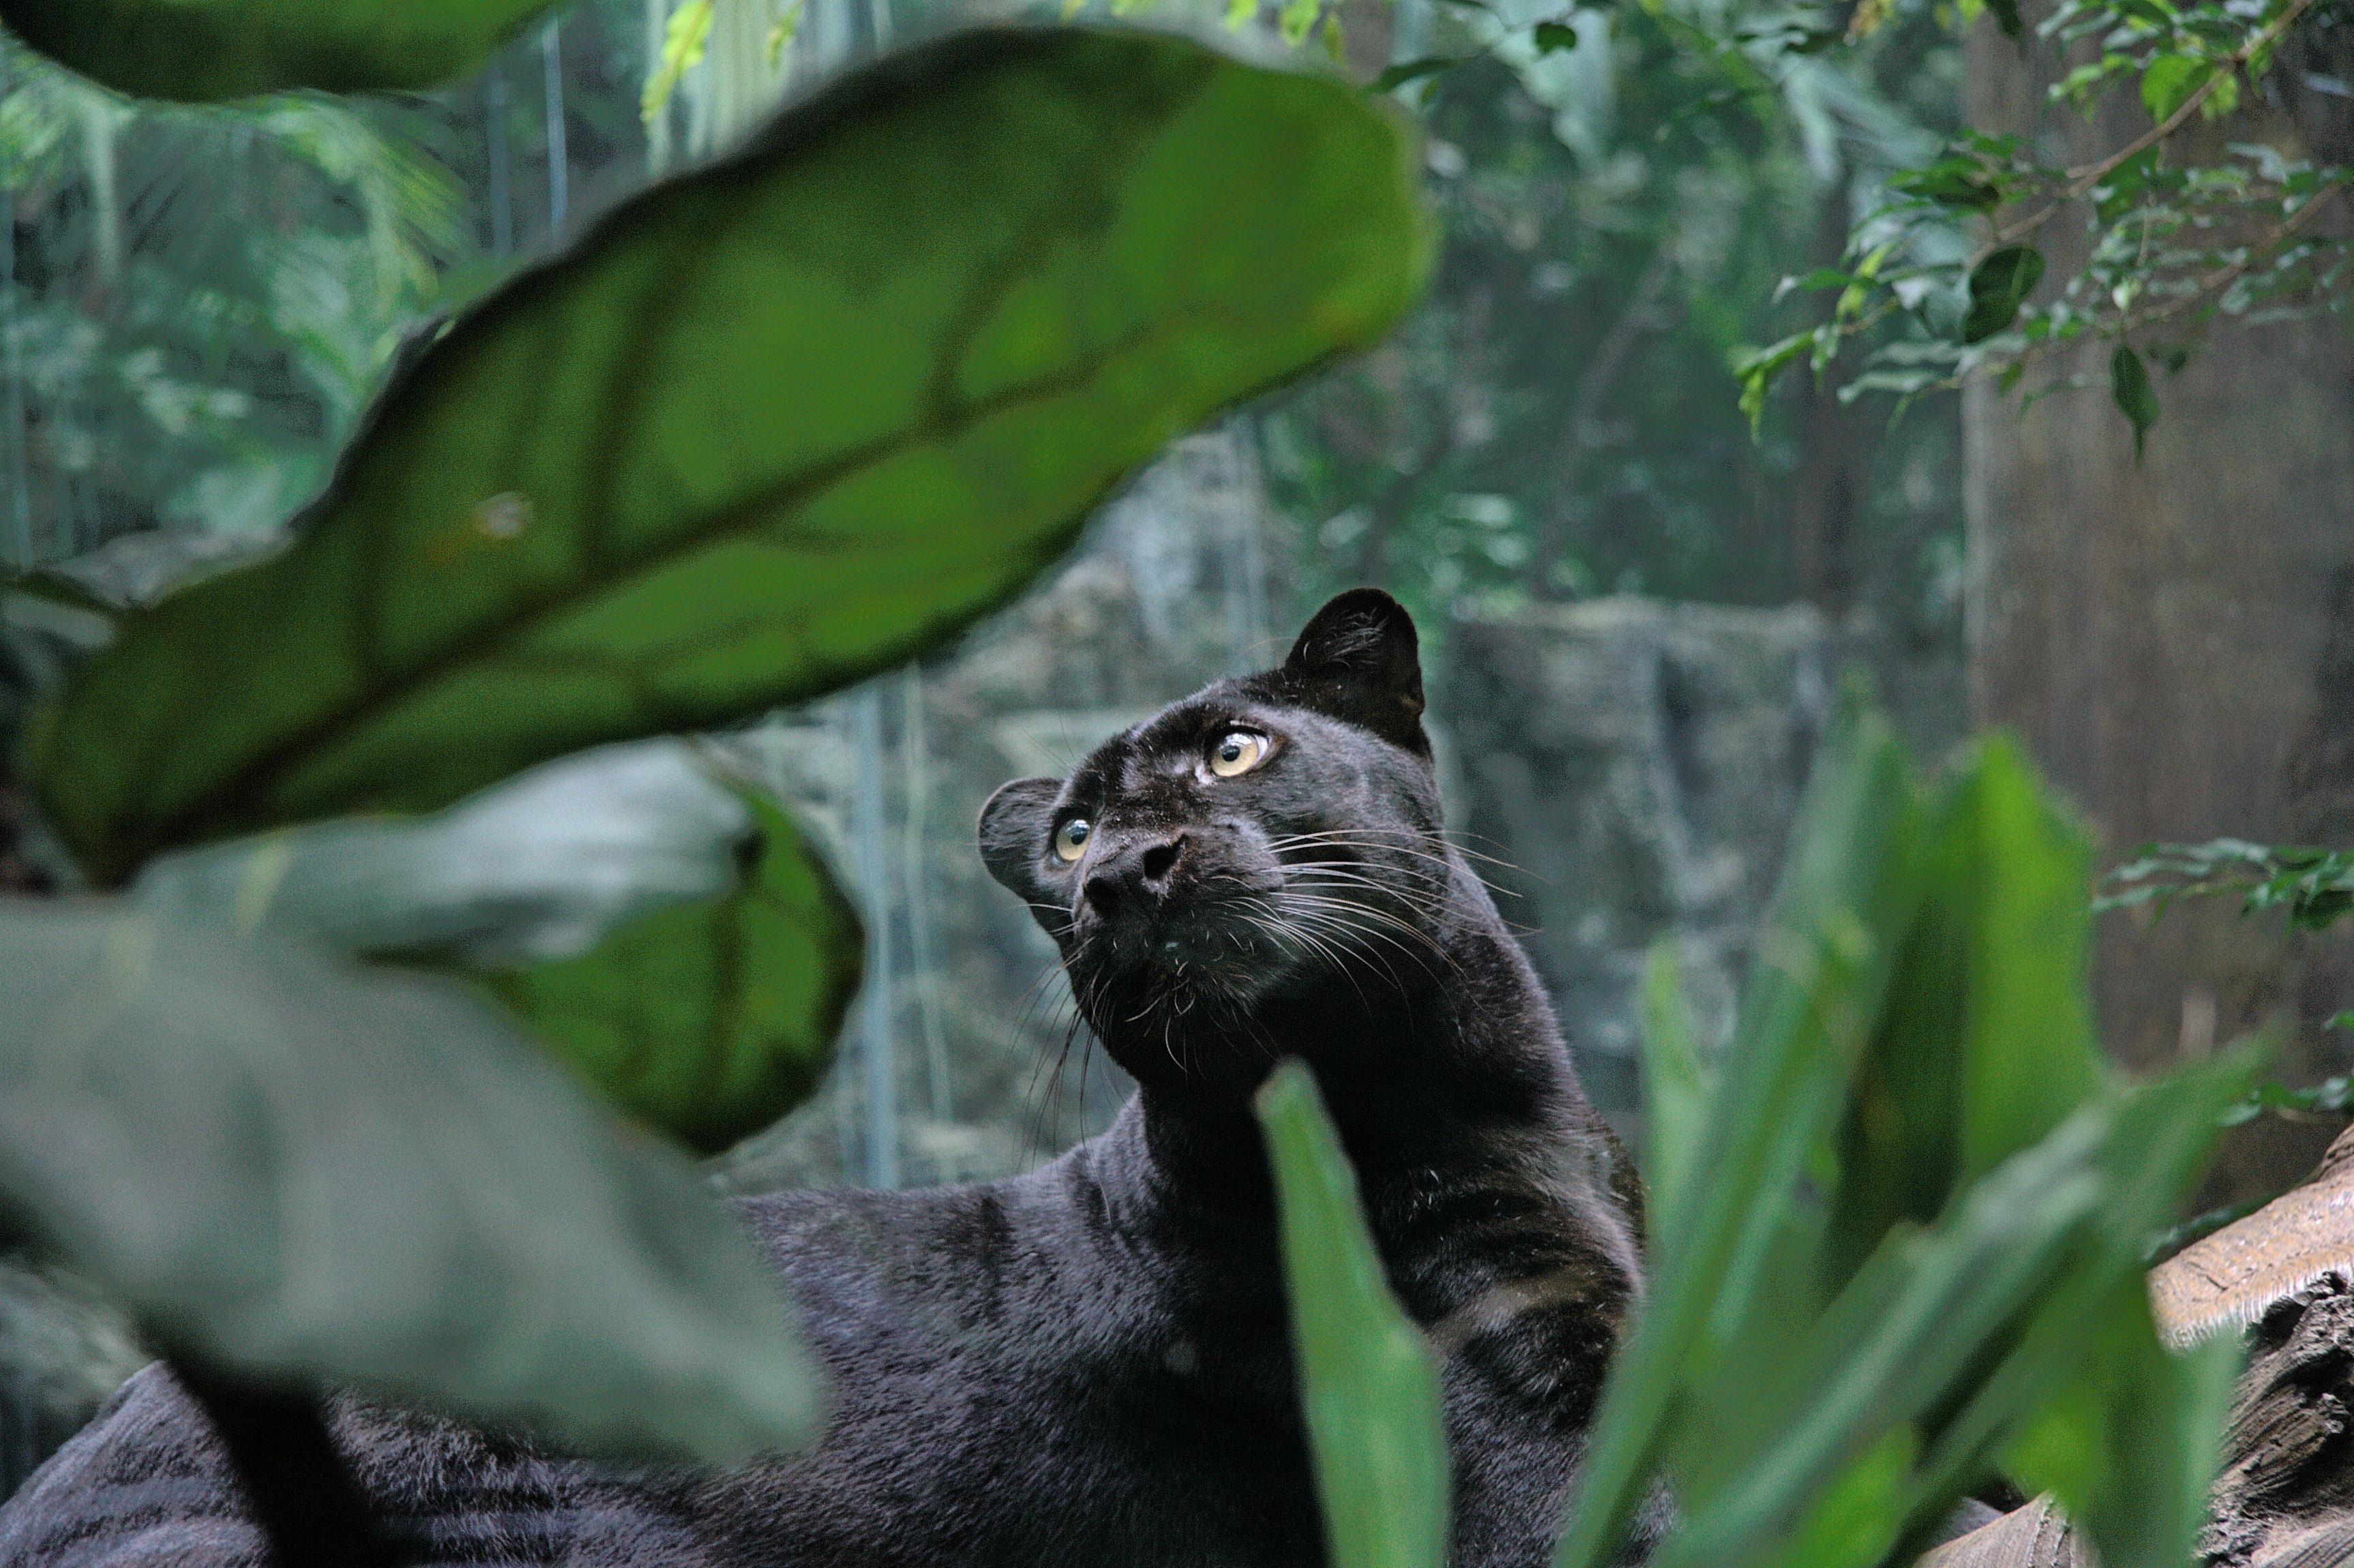 пантера картинки в высоком разрешении содой ванилином просейте